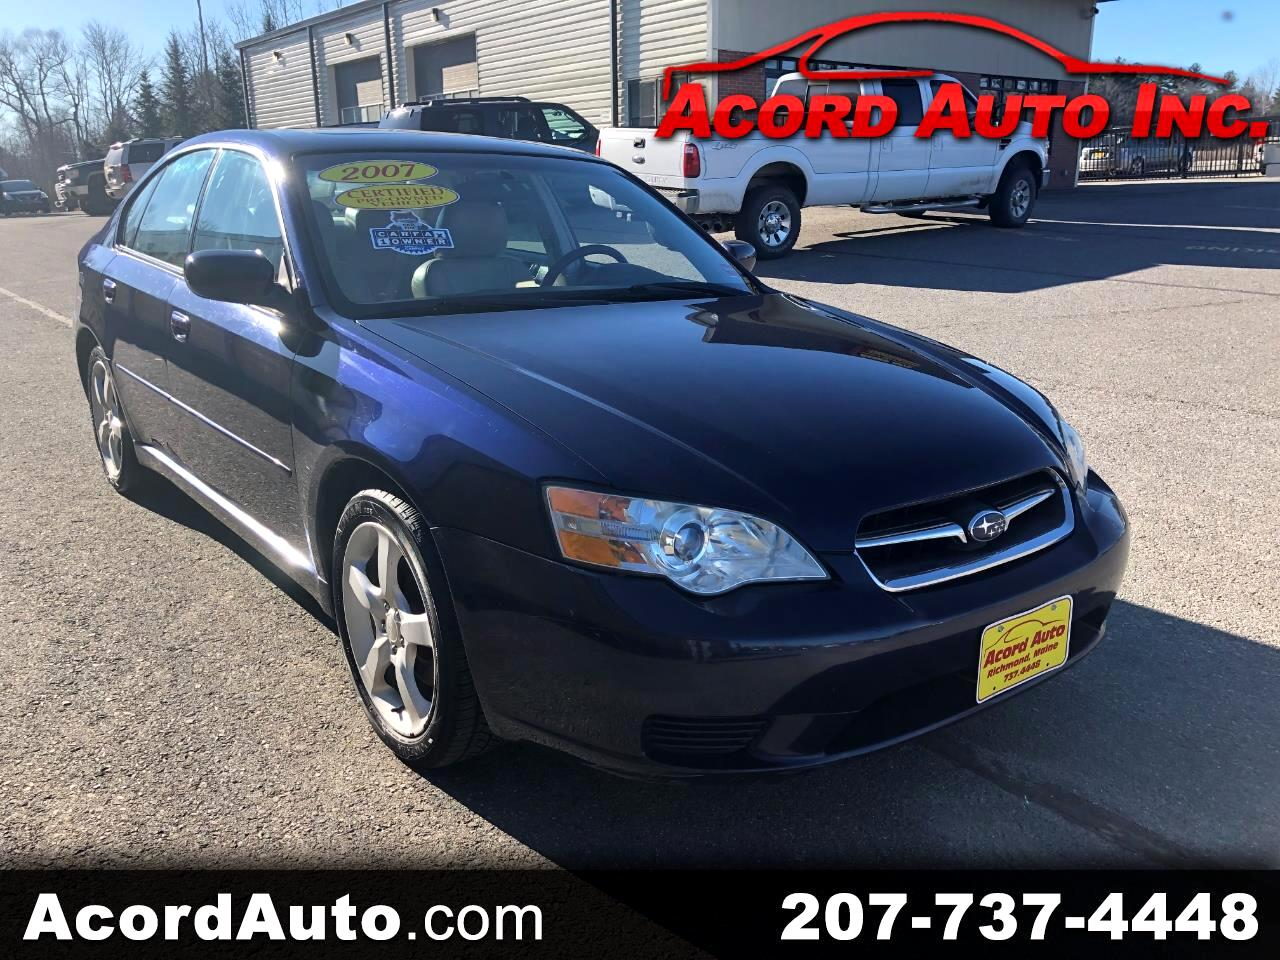 2007 Subaru Legacy 2.5 Limited